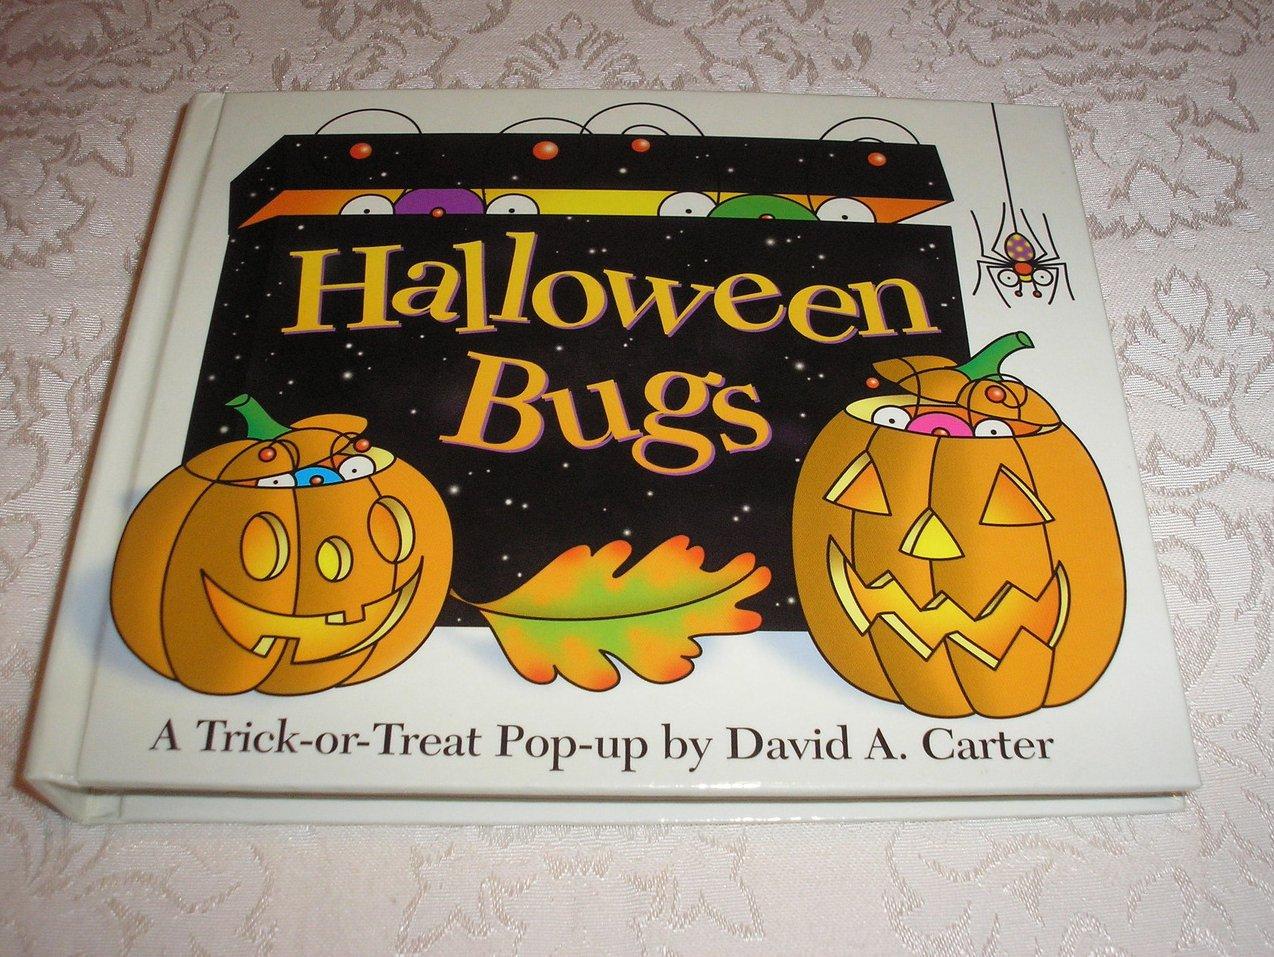 Halloween Bugs very good pop-up hc David A. Carter